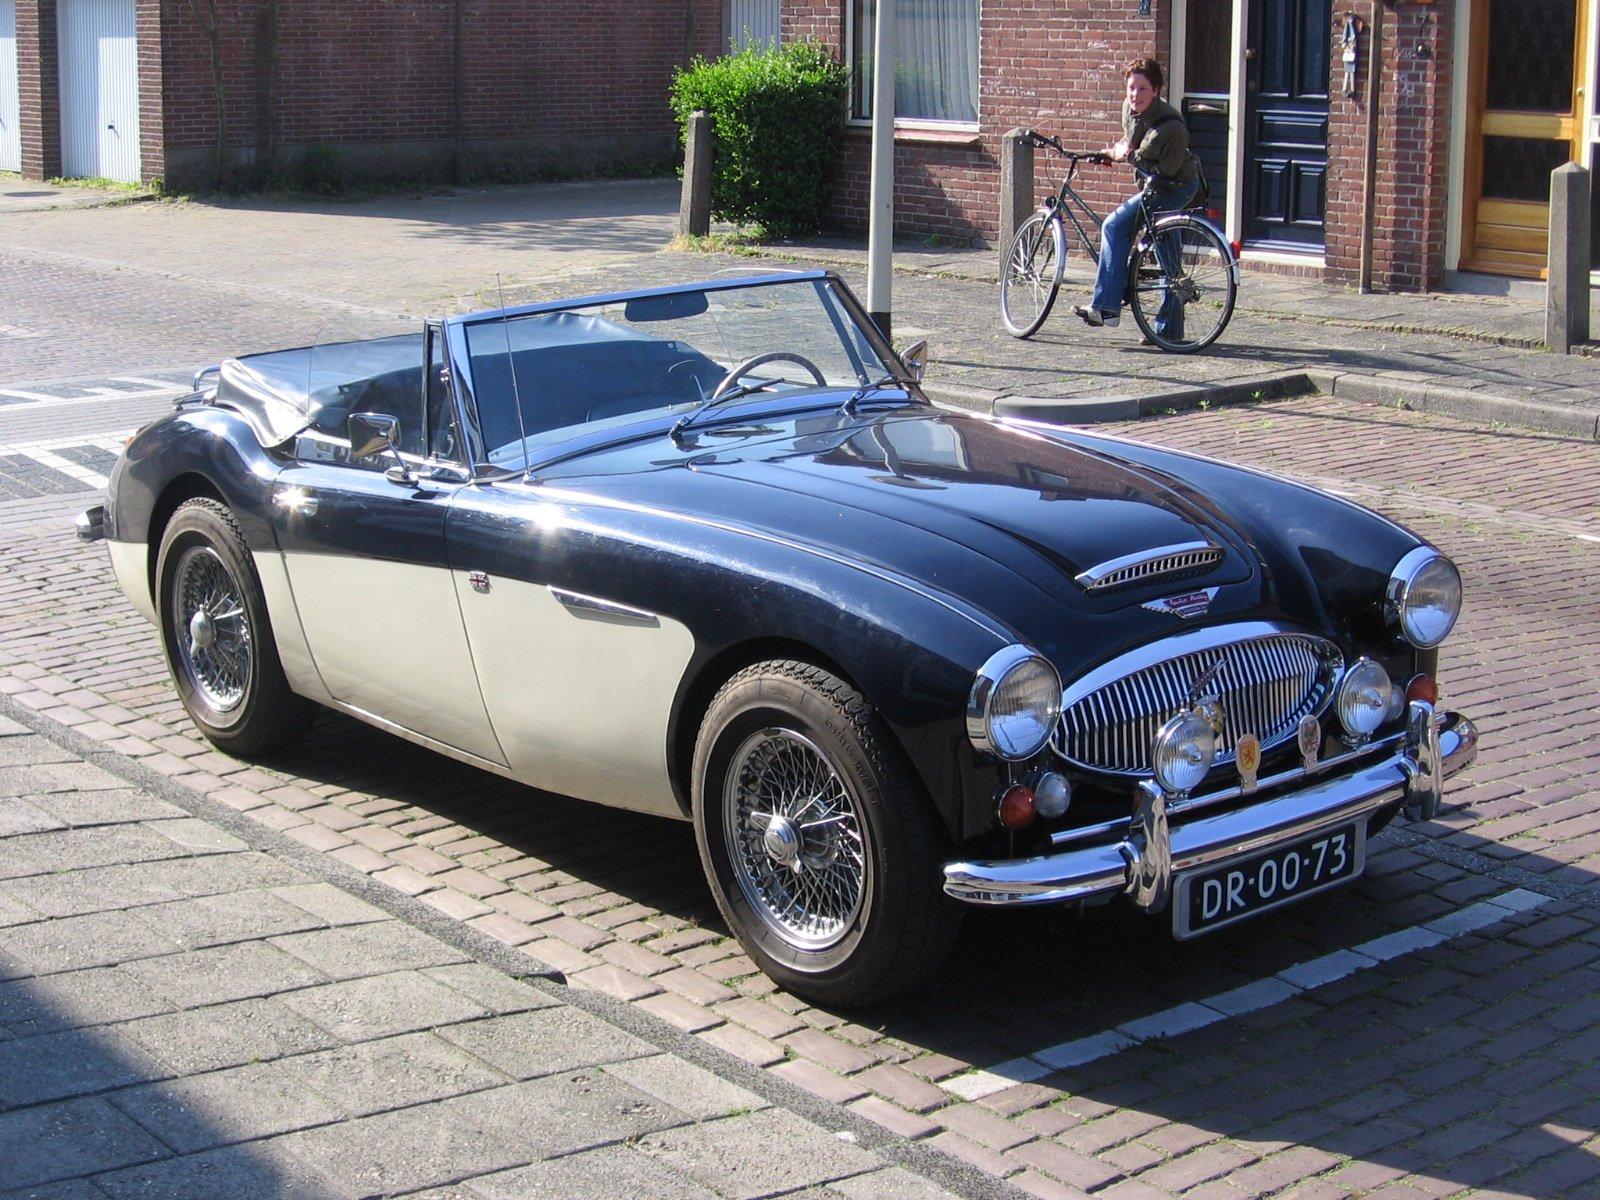 Nice shiny car 2